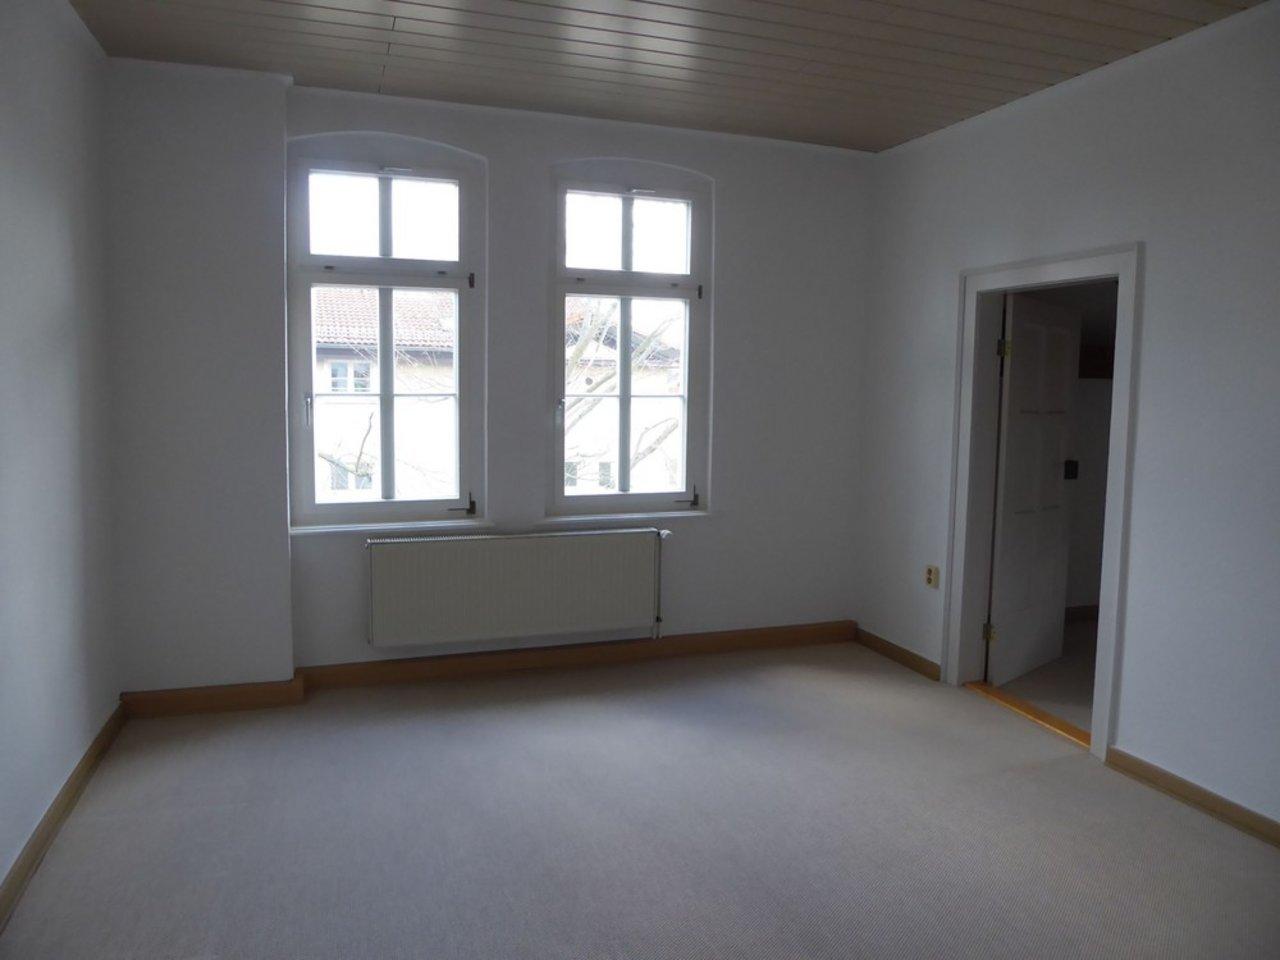 Reizvolle, großzügige DG-Wohnung mit viel Raum und individueller Gestaltung-Schlafzimmer